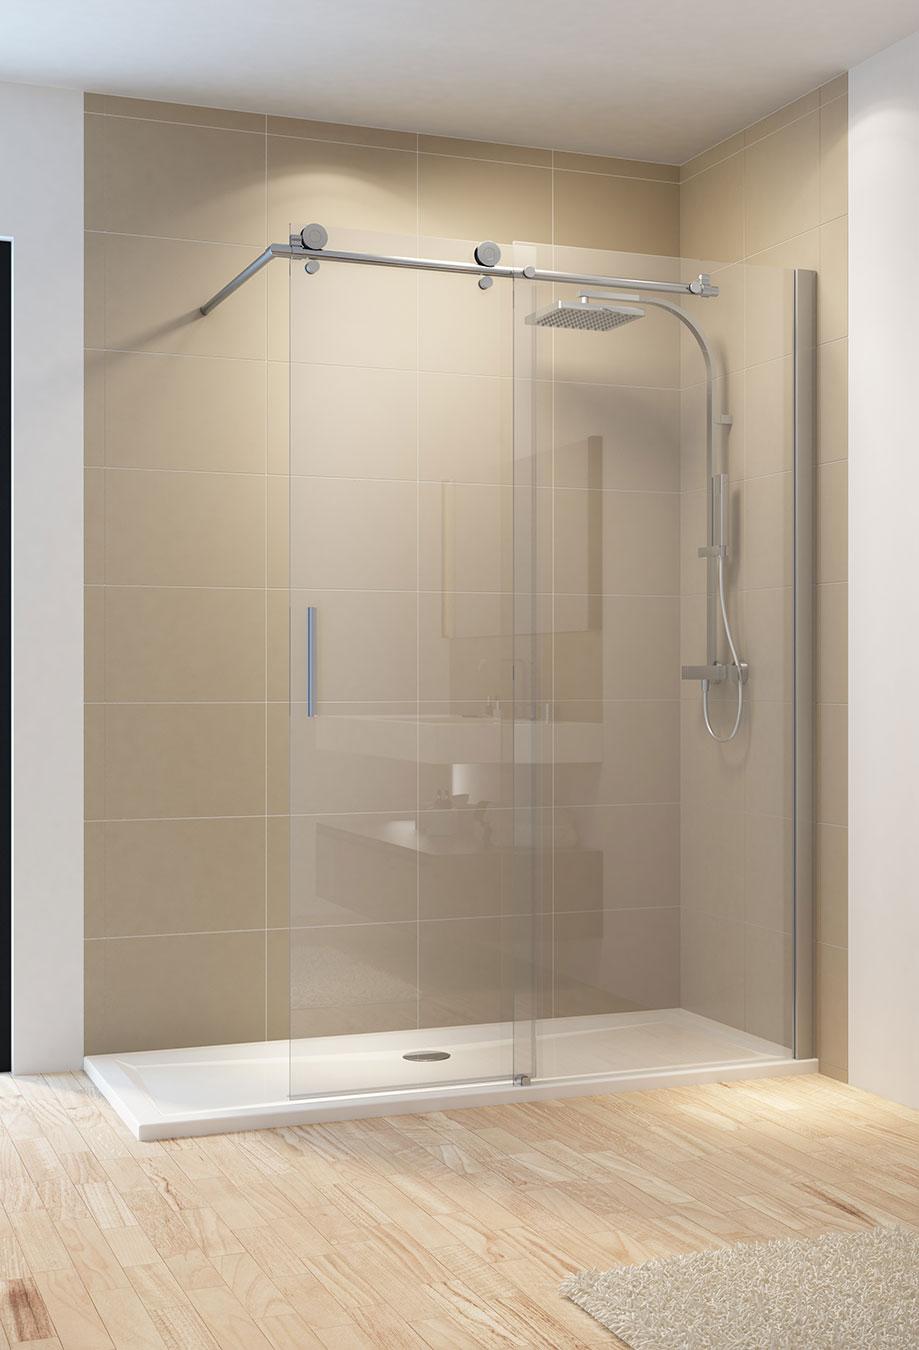 Full Size of Antirutschmatte Dusche Bodengleiche Raindance Mischbatterie Nachträglich Einbauen Duschen Kaufen Wand Fliesen Glasabtrennung Hsk Glastür Barrierefreie 90x90 Dusche Glastrennwand Dusche